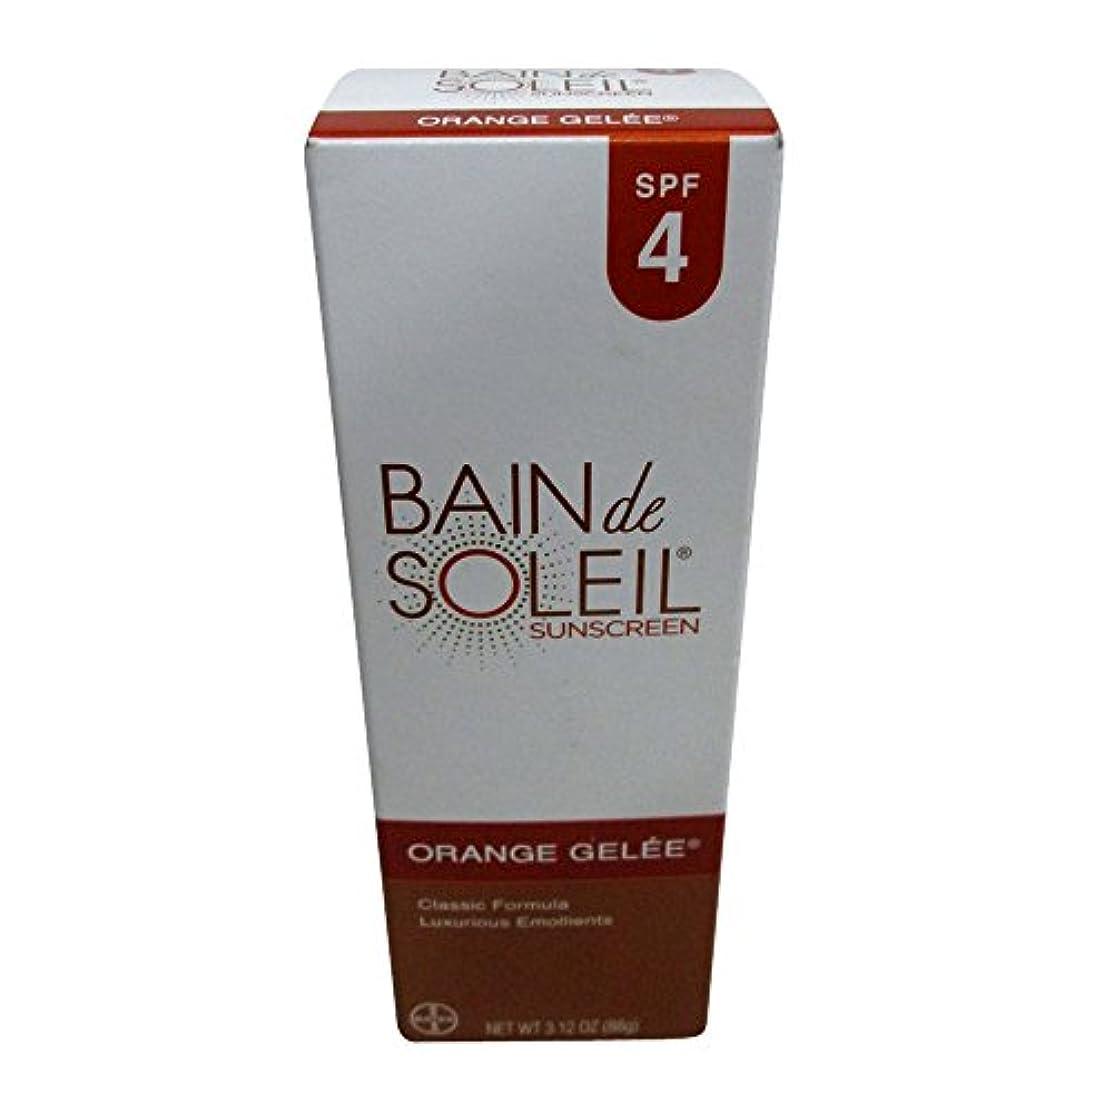 圧倒的スケジュール商品Bain De Soleil オレンジジュレ日焼け止め、SPF 4 3.12オズ(5パック) 5パック